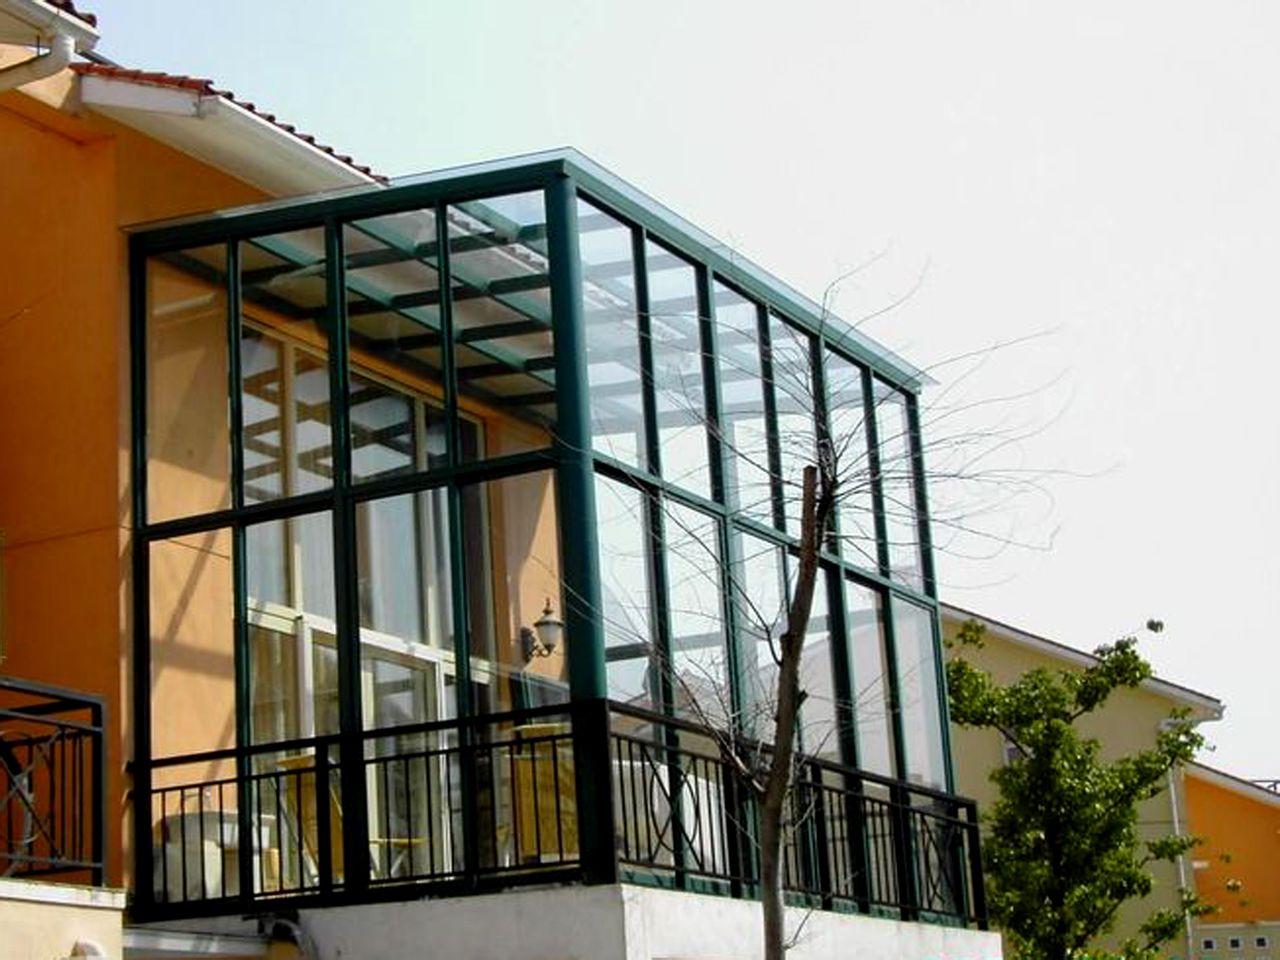 朔钢窗每平方多少钱 朔钢窗价格参考